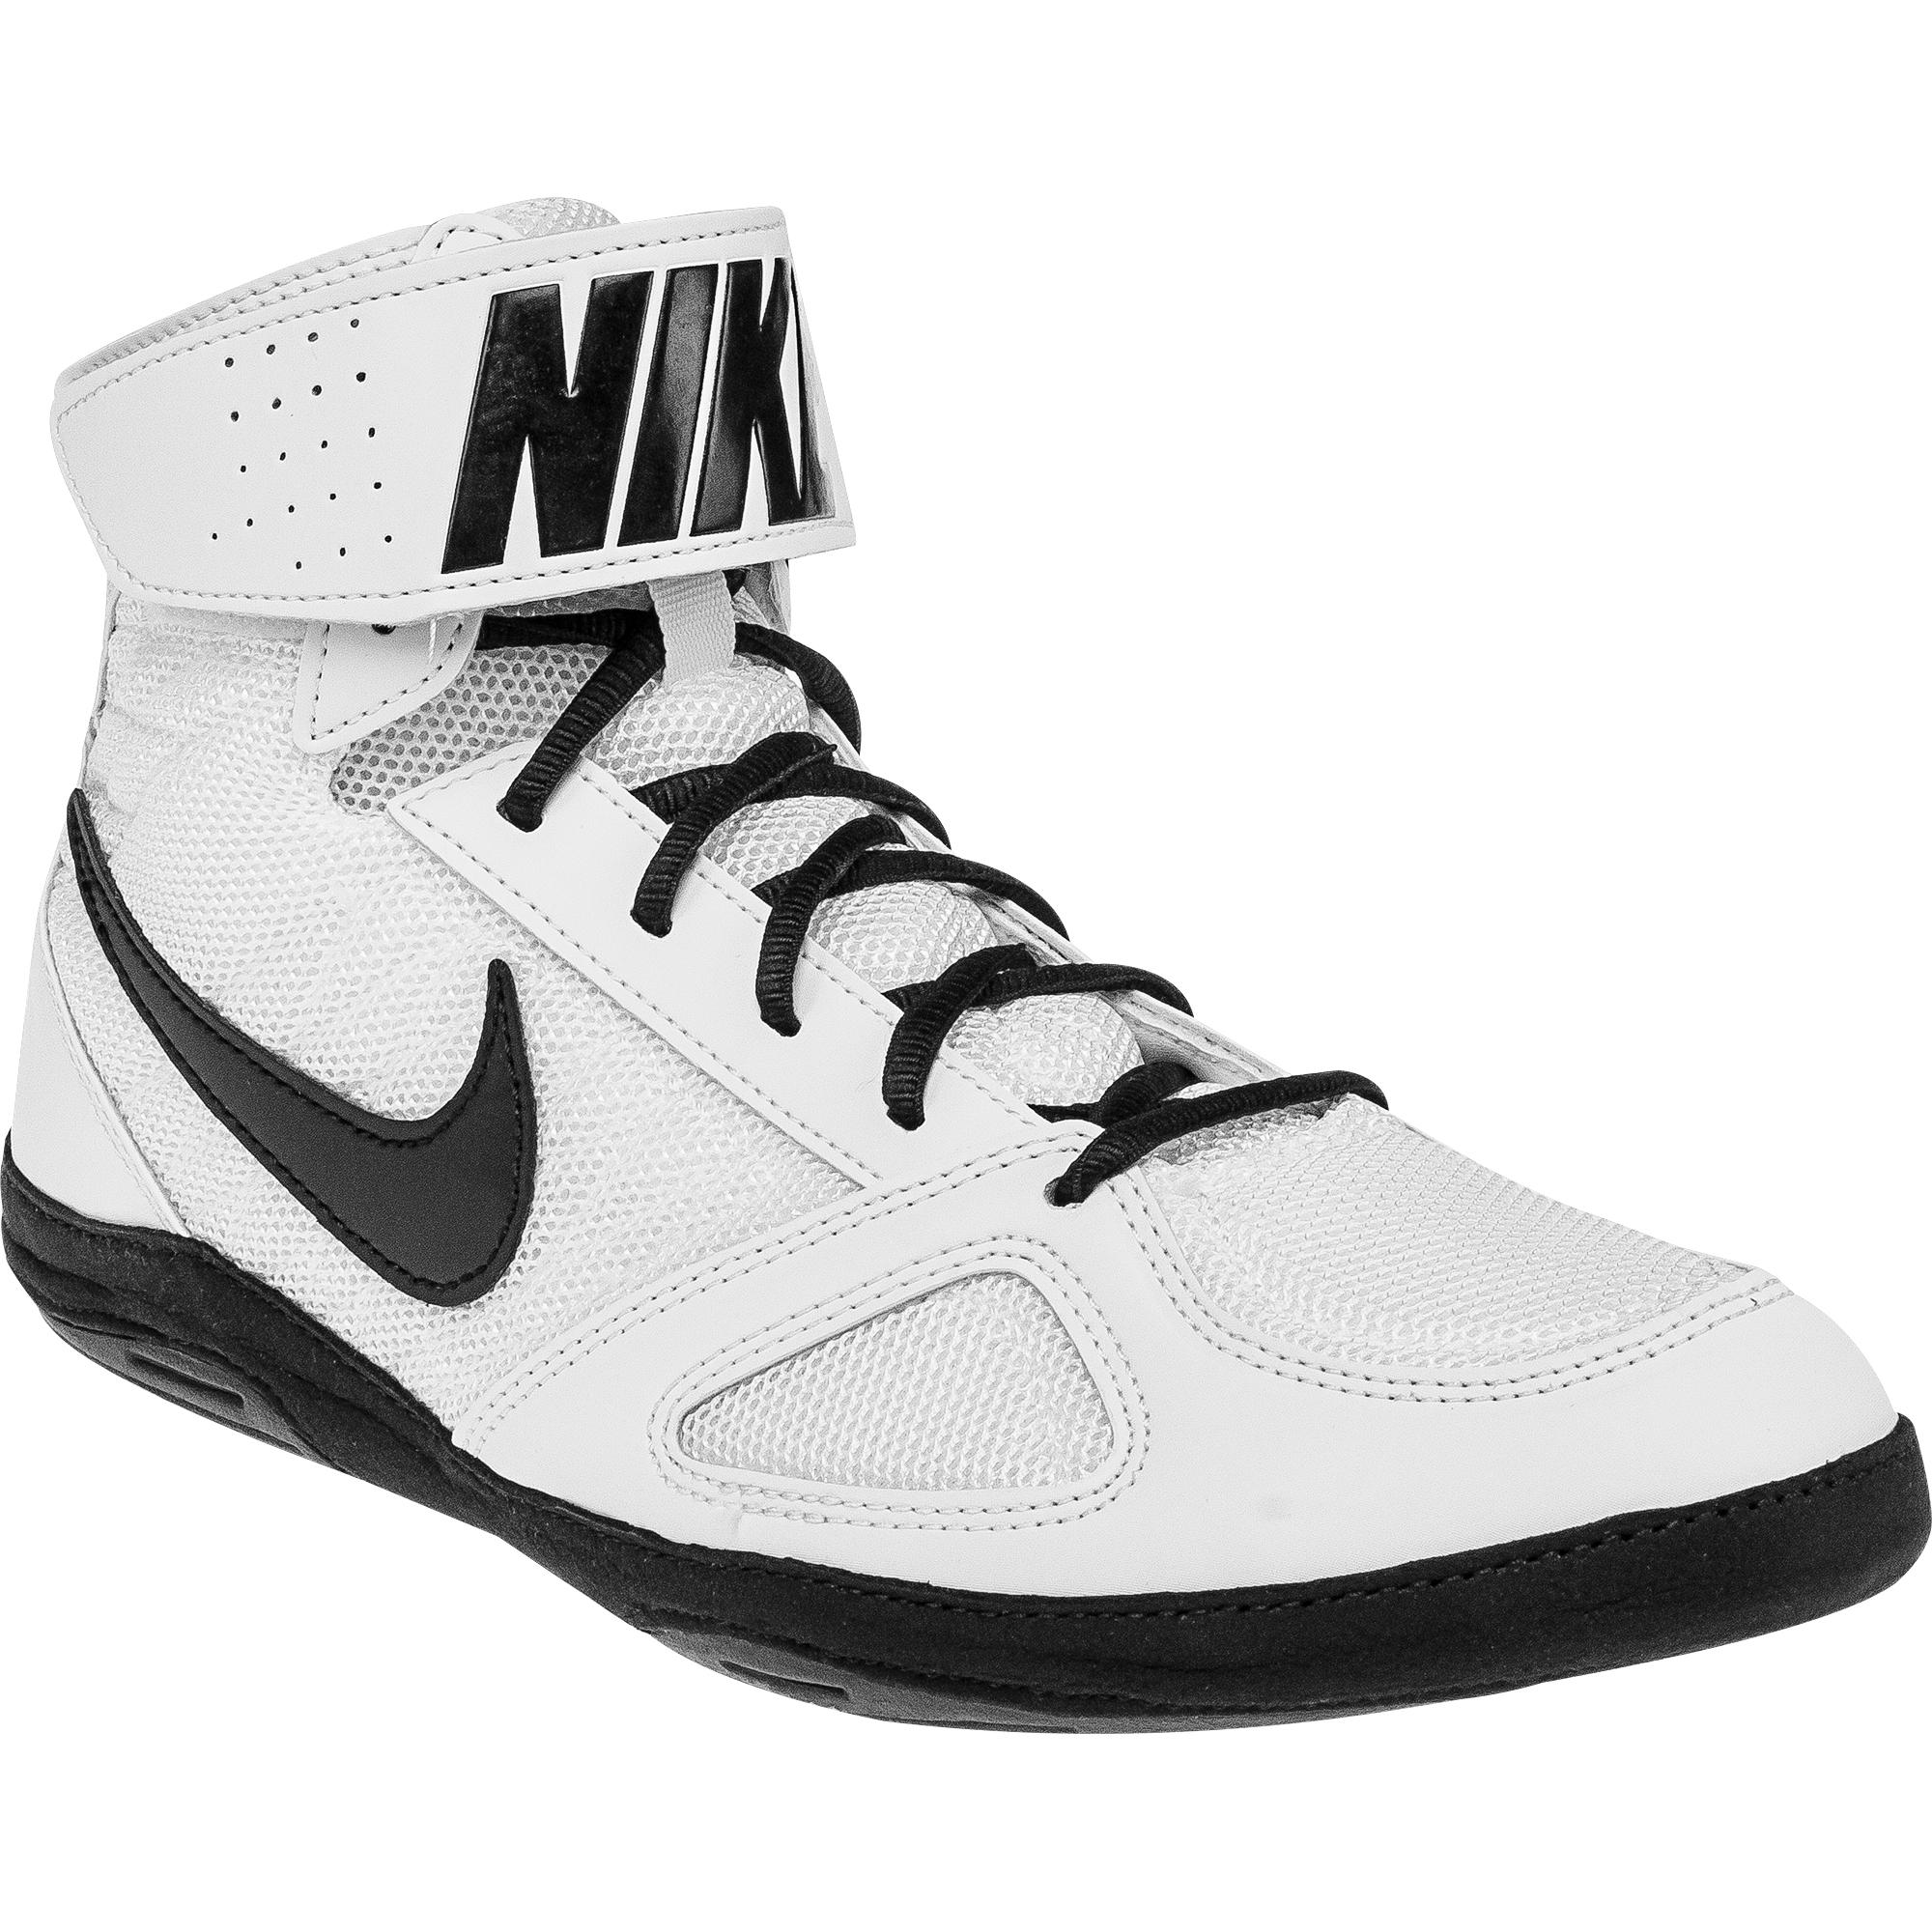 revelación Plasticidad Precaución  Nike Takedown 4   WrestlingGear